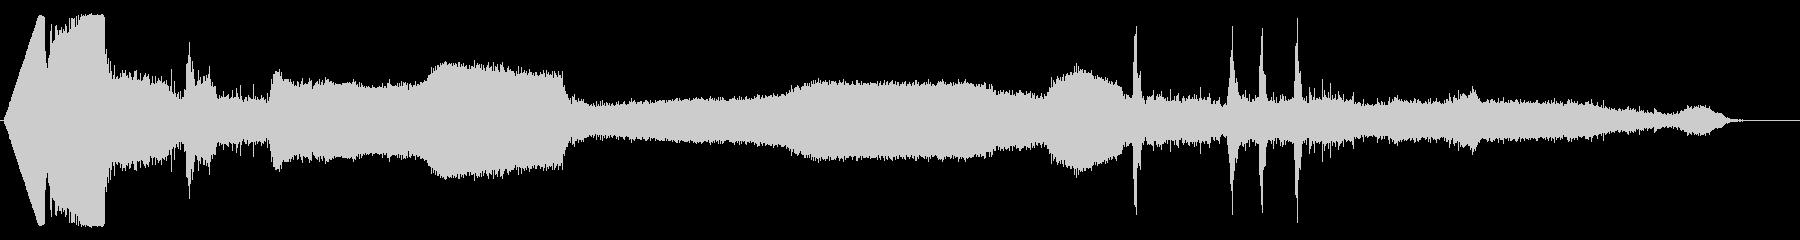 ビンテージフォーミュラ1;内部レー...の未再生の波形